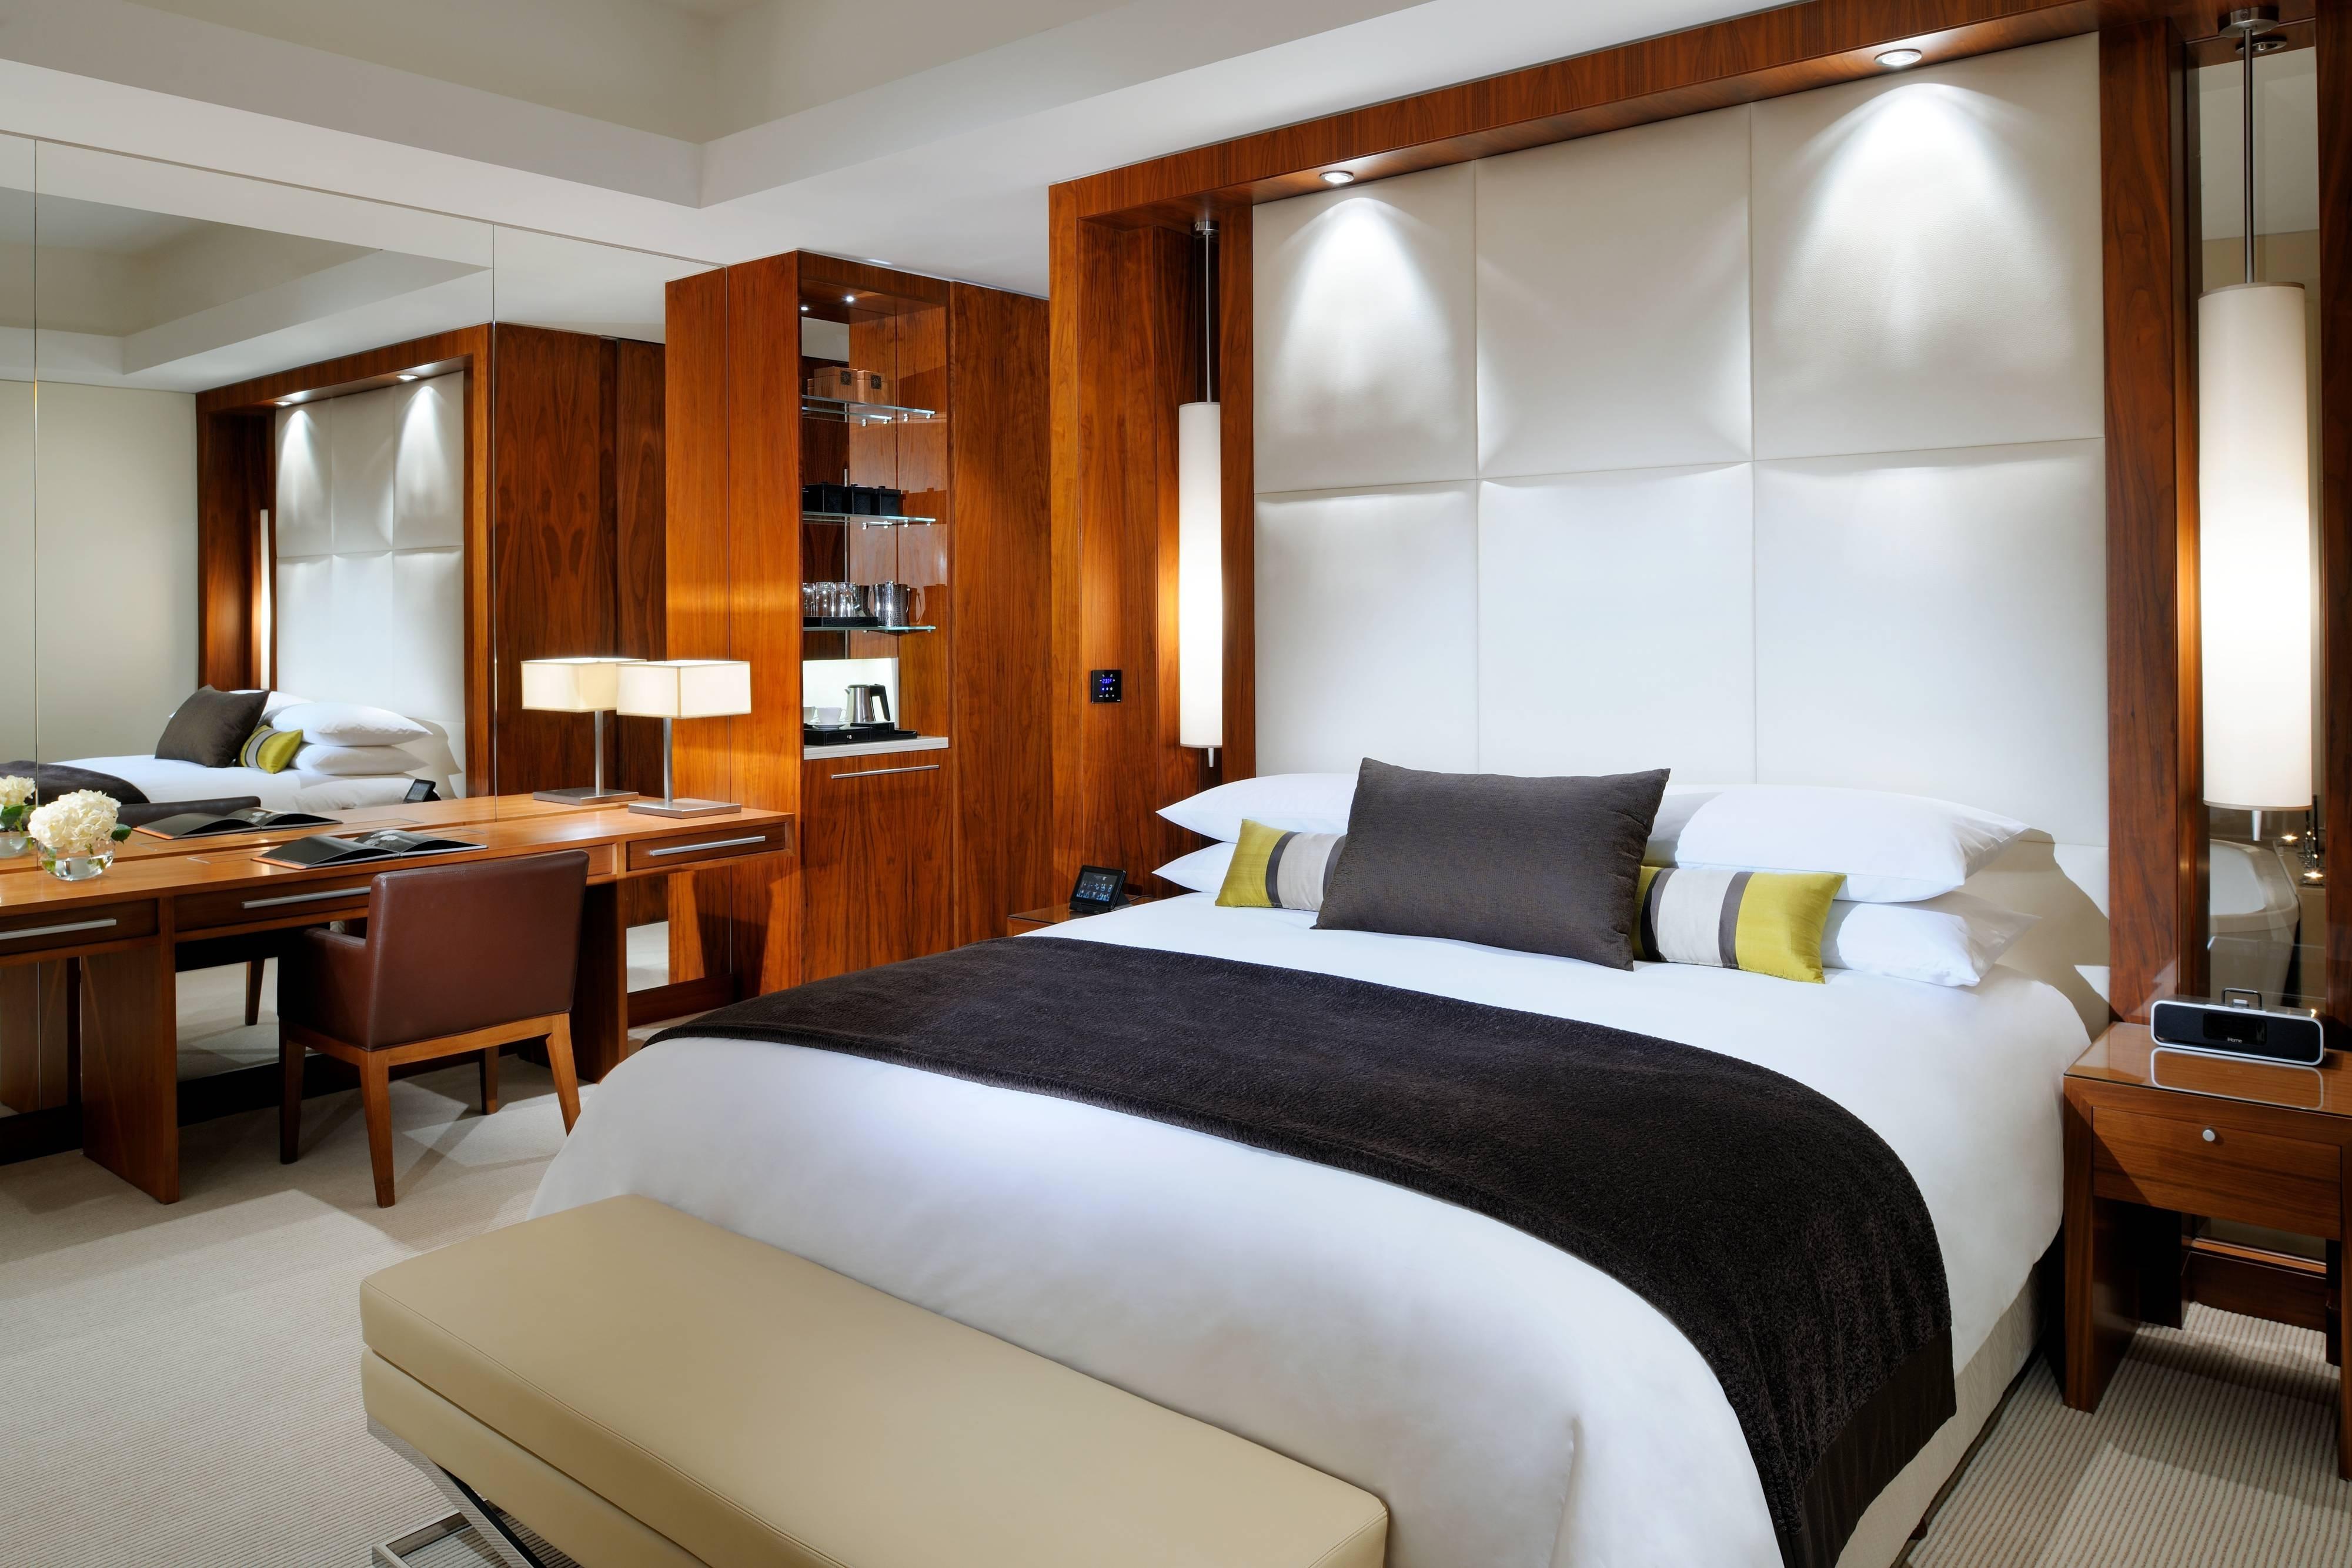 Luxury Hotel Rooms In Dubai